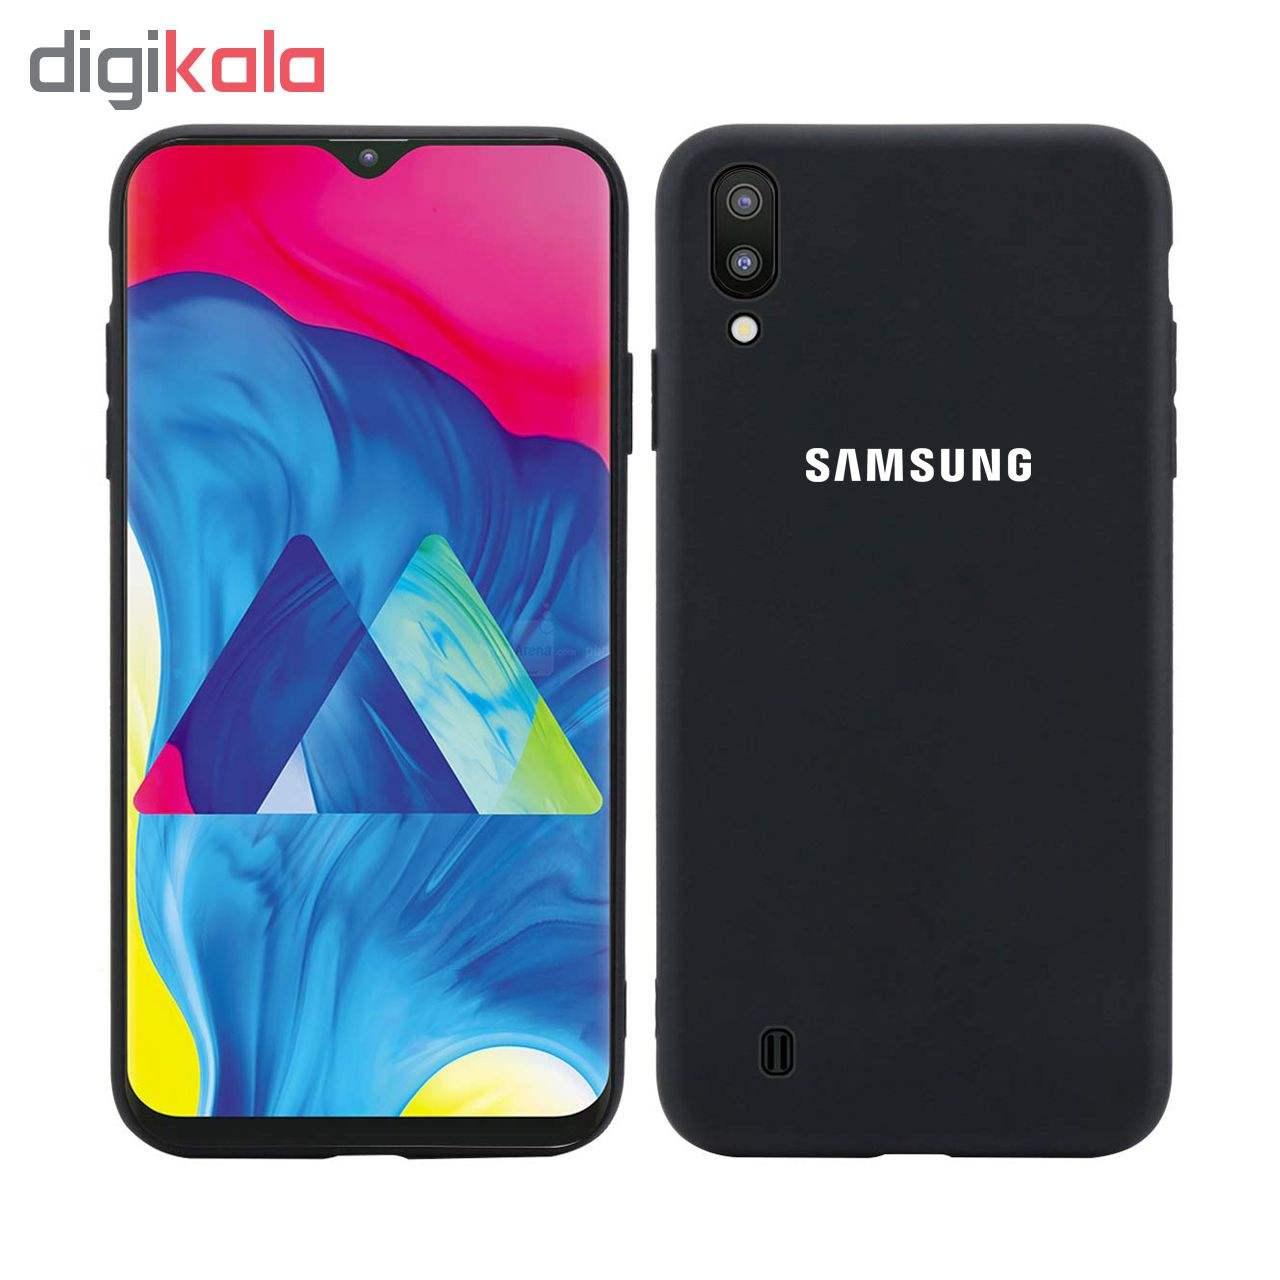 کاور سیلیکونی مدل Silky soft-touch مناسب برای گوشی موبایل سامسونگ Galaxy M10   main 1 1